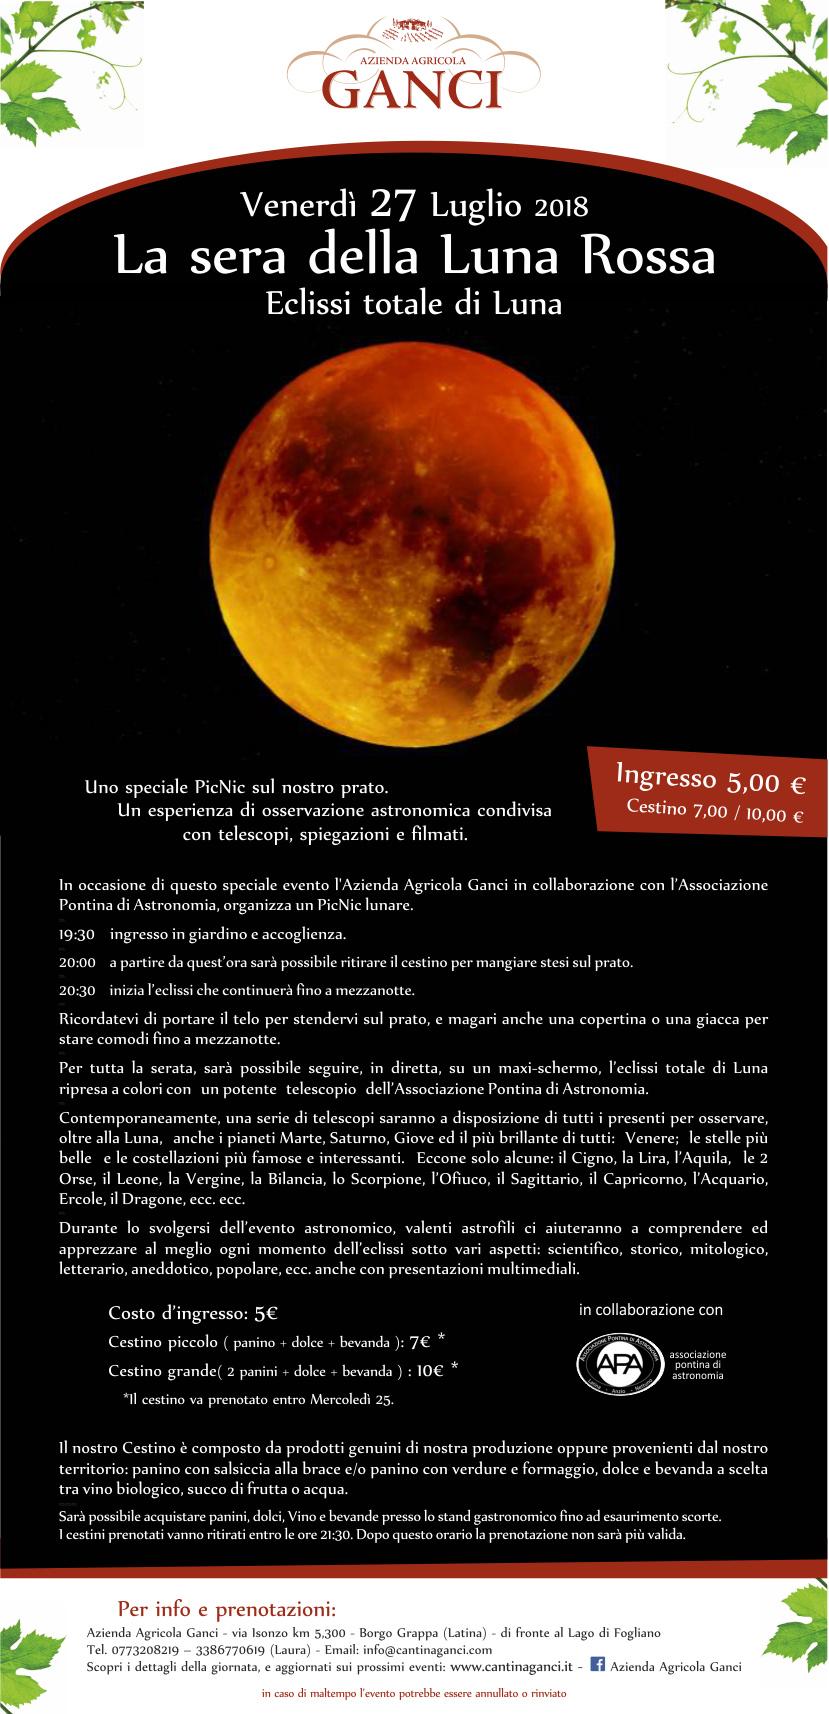 La sera della Luna rossa. Eclissi totale diluna